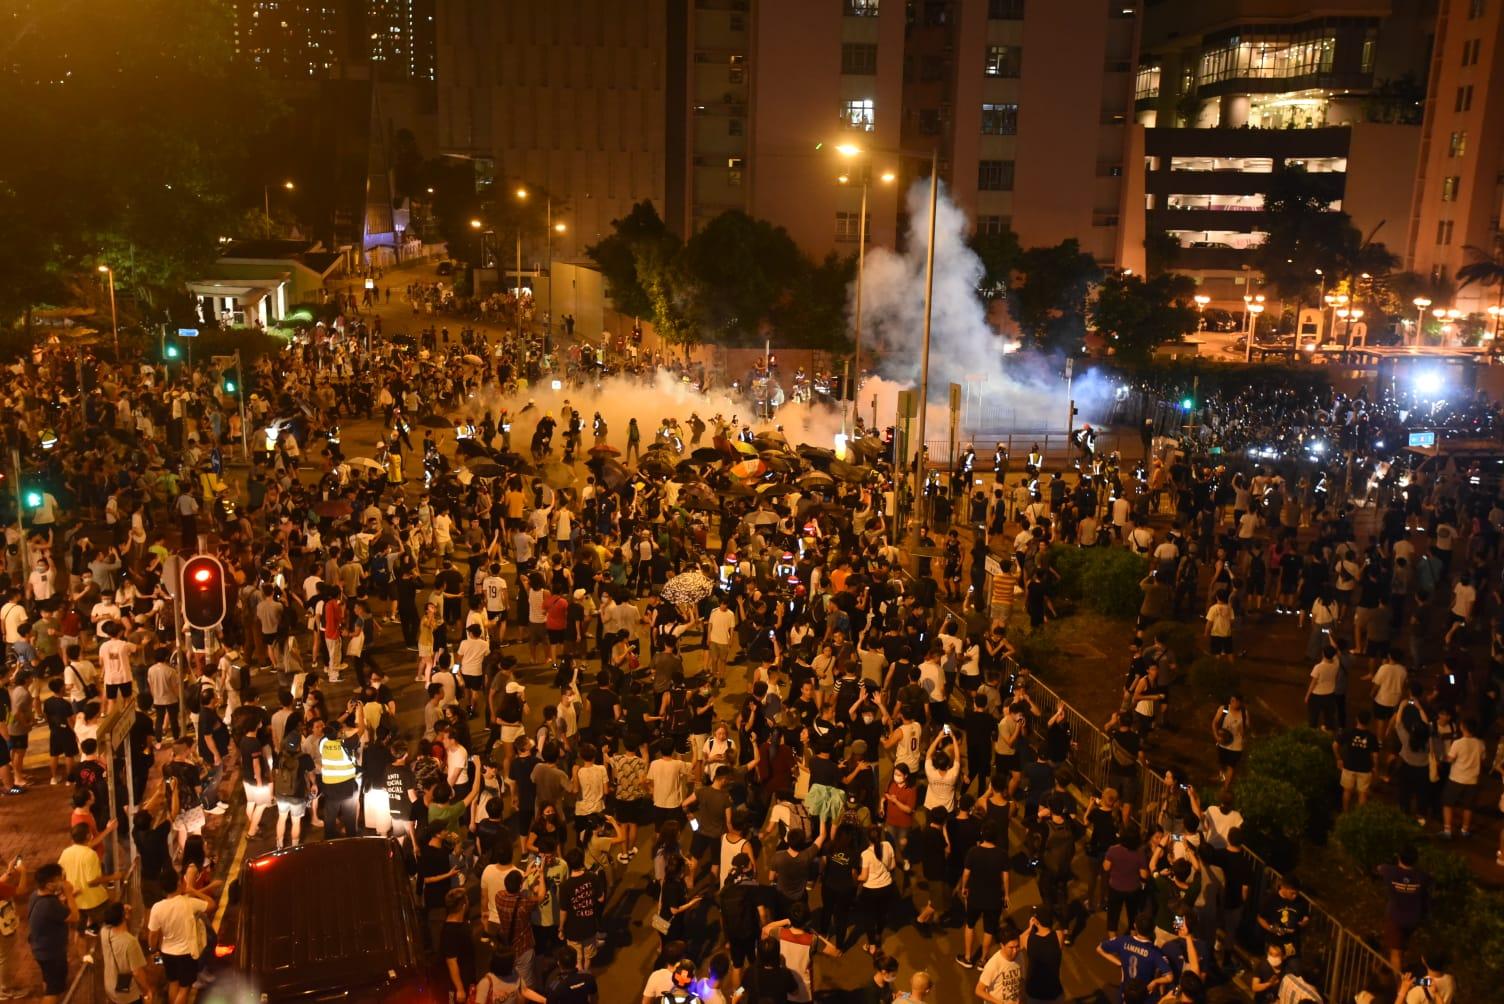 港府修訂《逃犯條例》風波觸發連串示威抗議,並演變成警民衝突。資料圖片